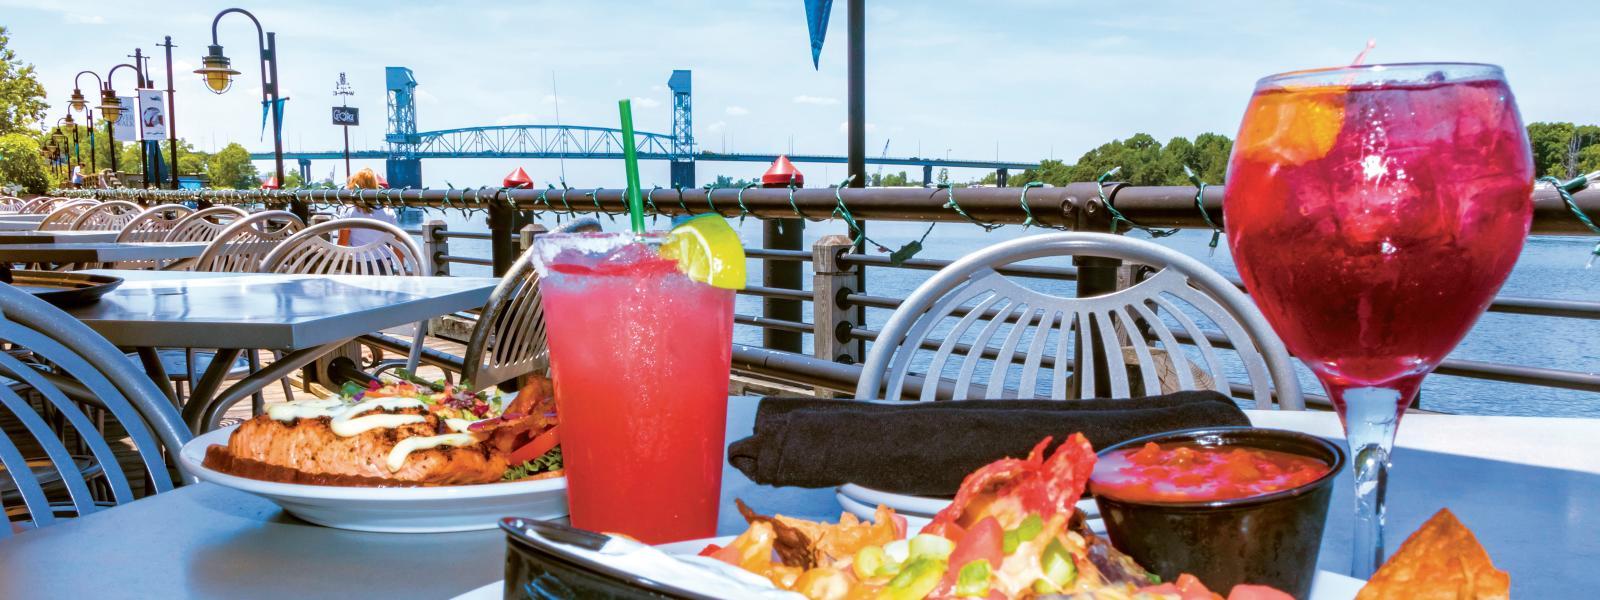 Outdoor Dining In Wilmington N C Riverwalks Rooftops